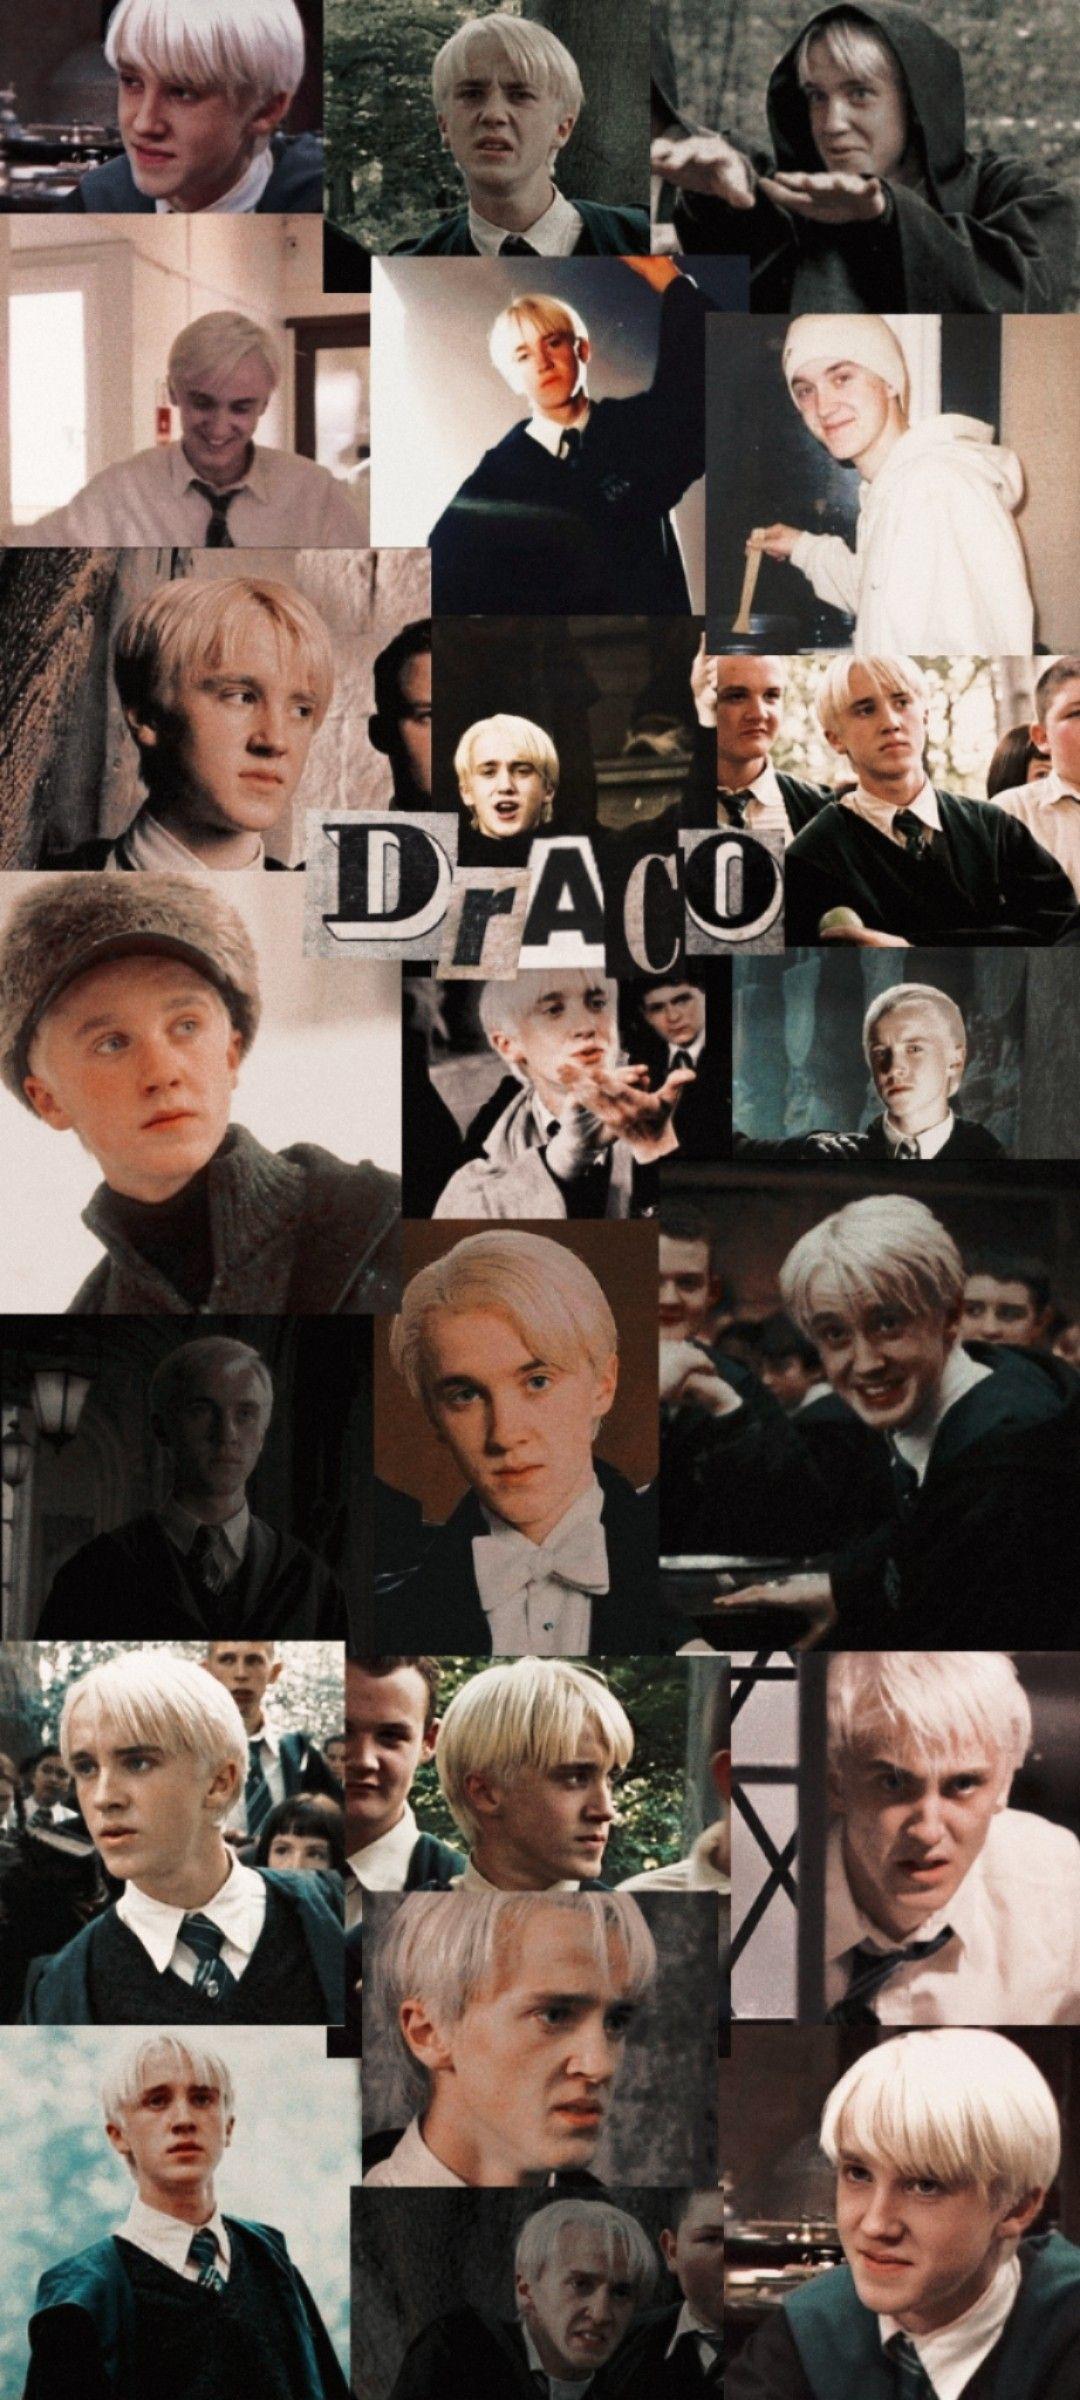 Draco Malfoy Tom Felton Wallpaper Draco Malfoy Draco Malfoy Hot Draco Harry Potter